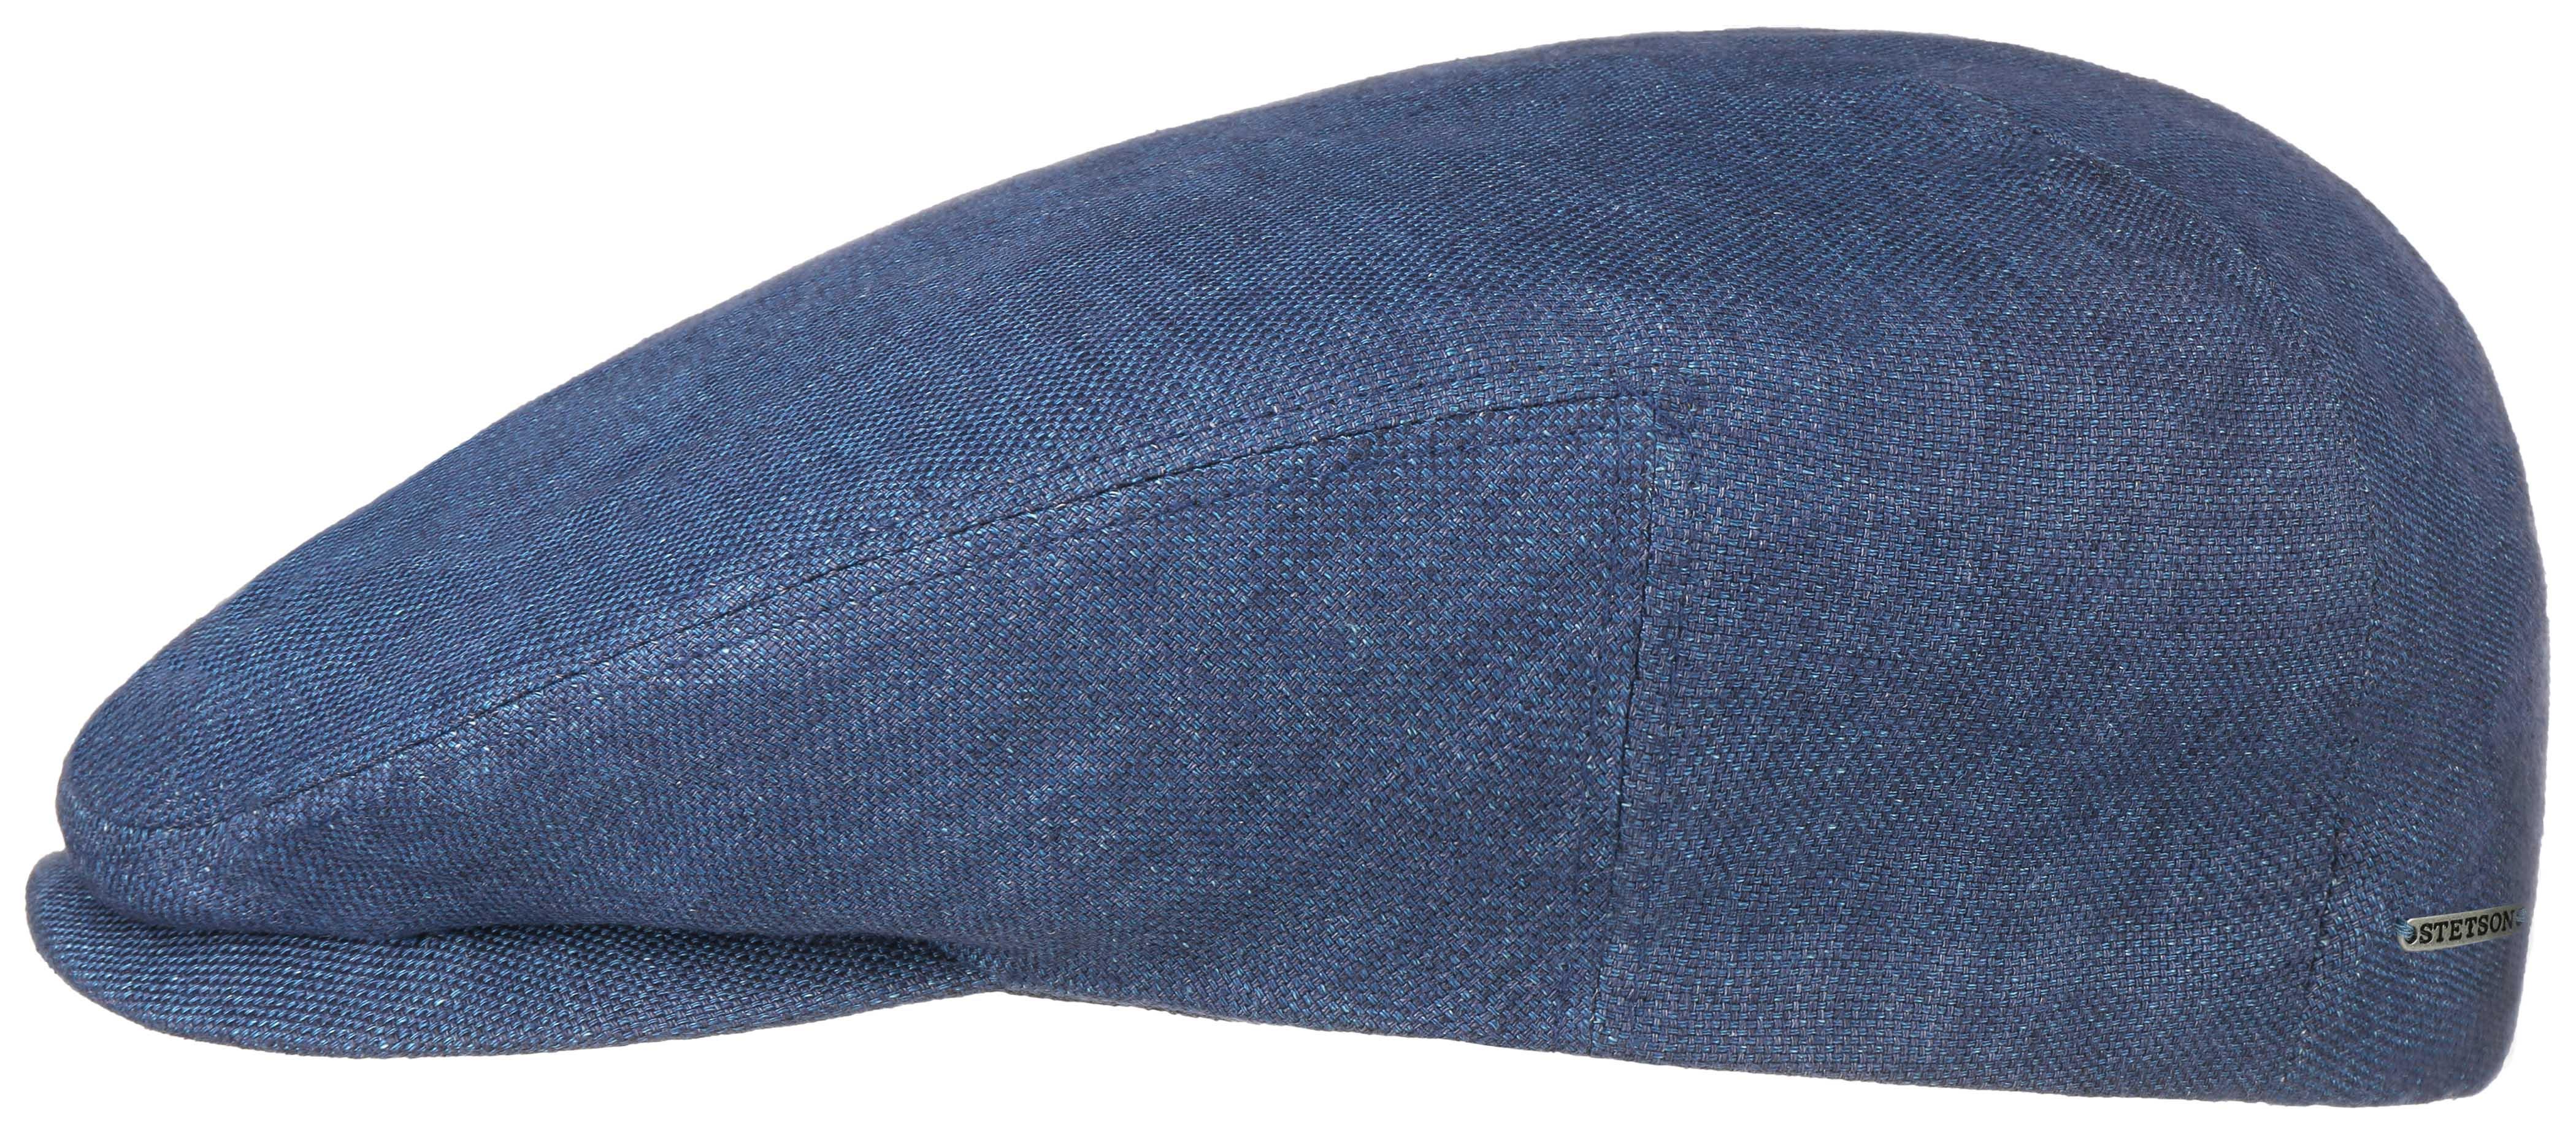 Stetson Driver Cap Linen Lacivert Şapka